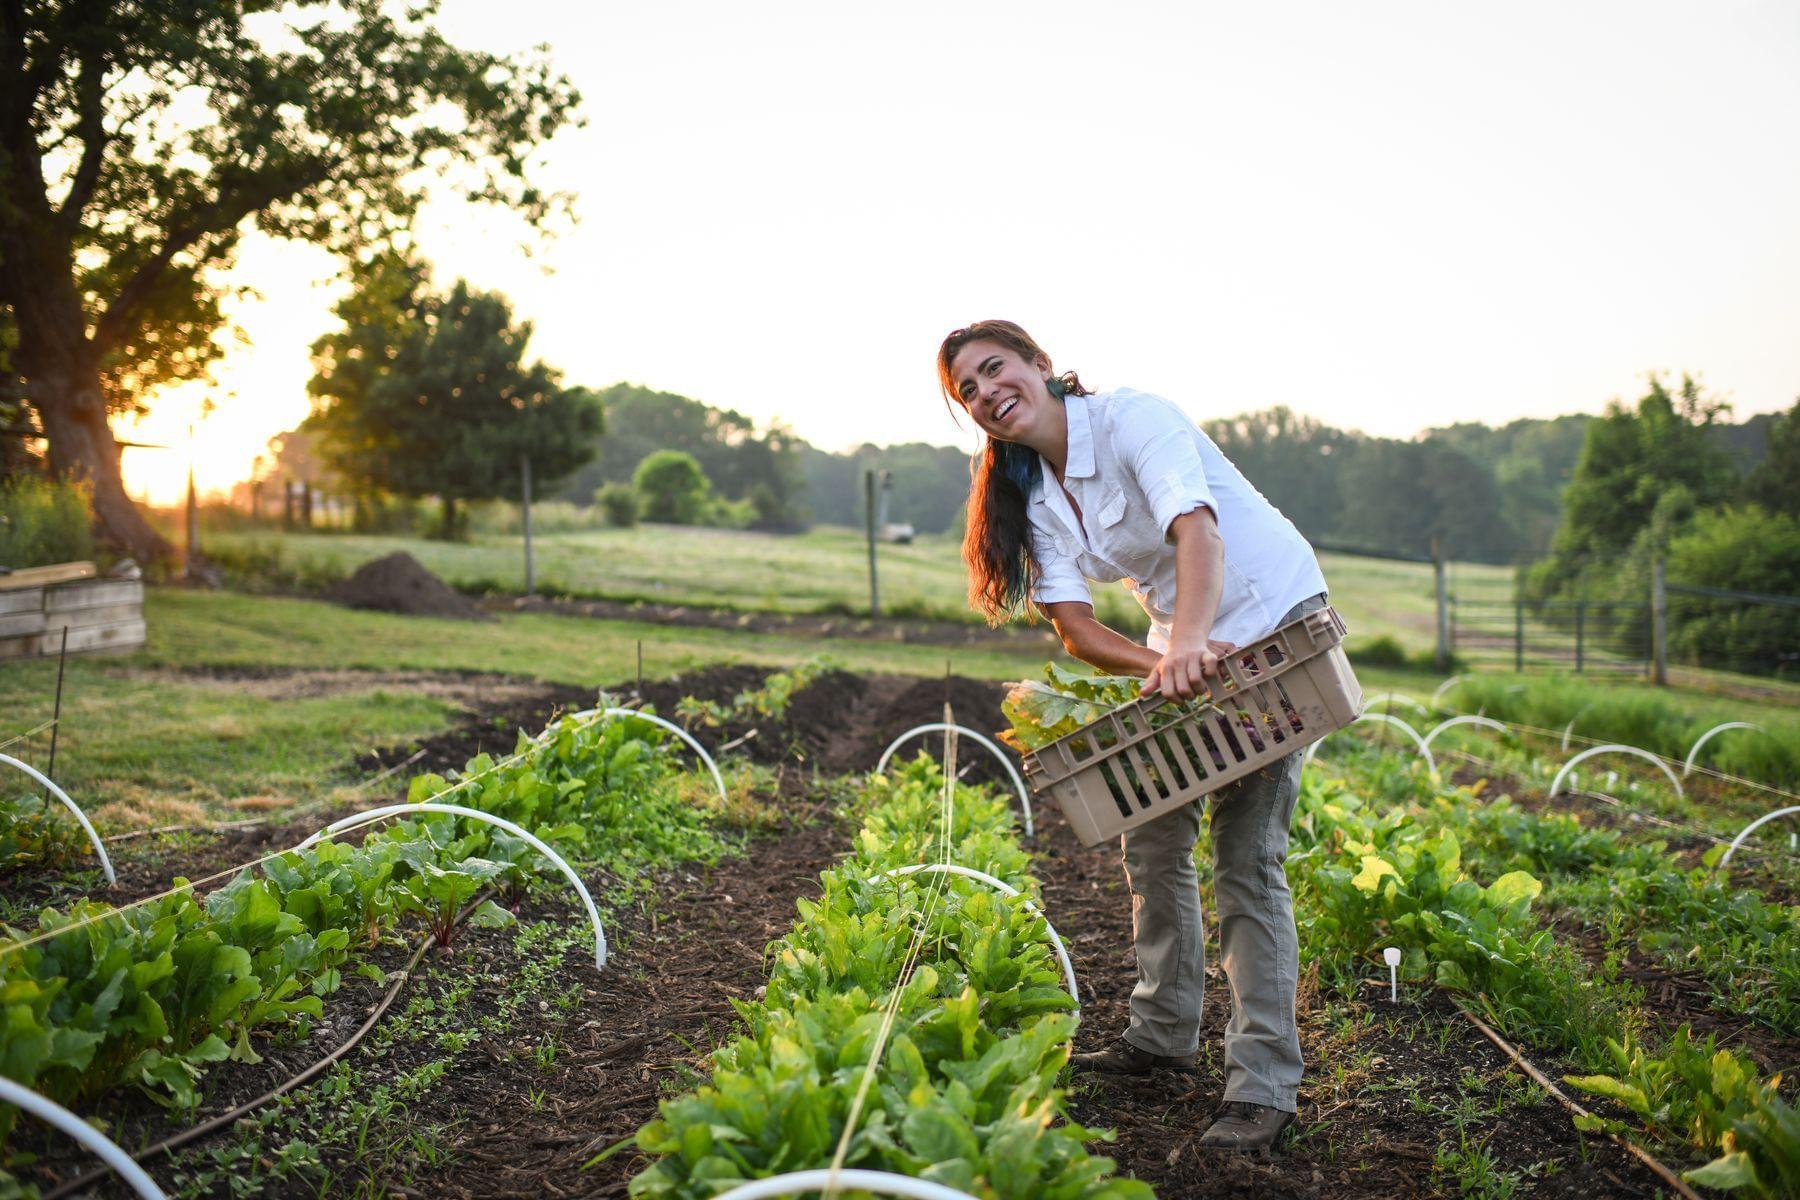 Alyssa Campo working in the farm